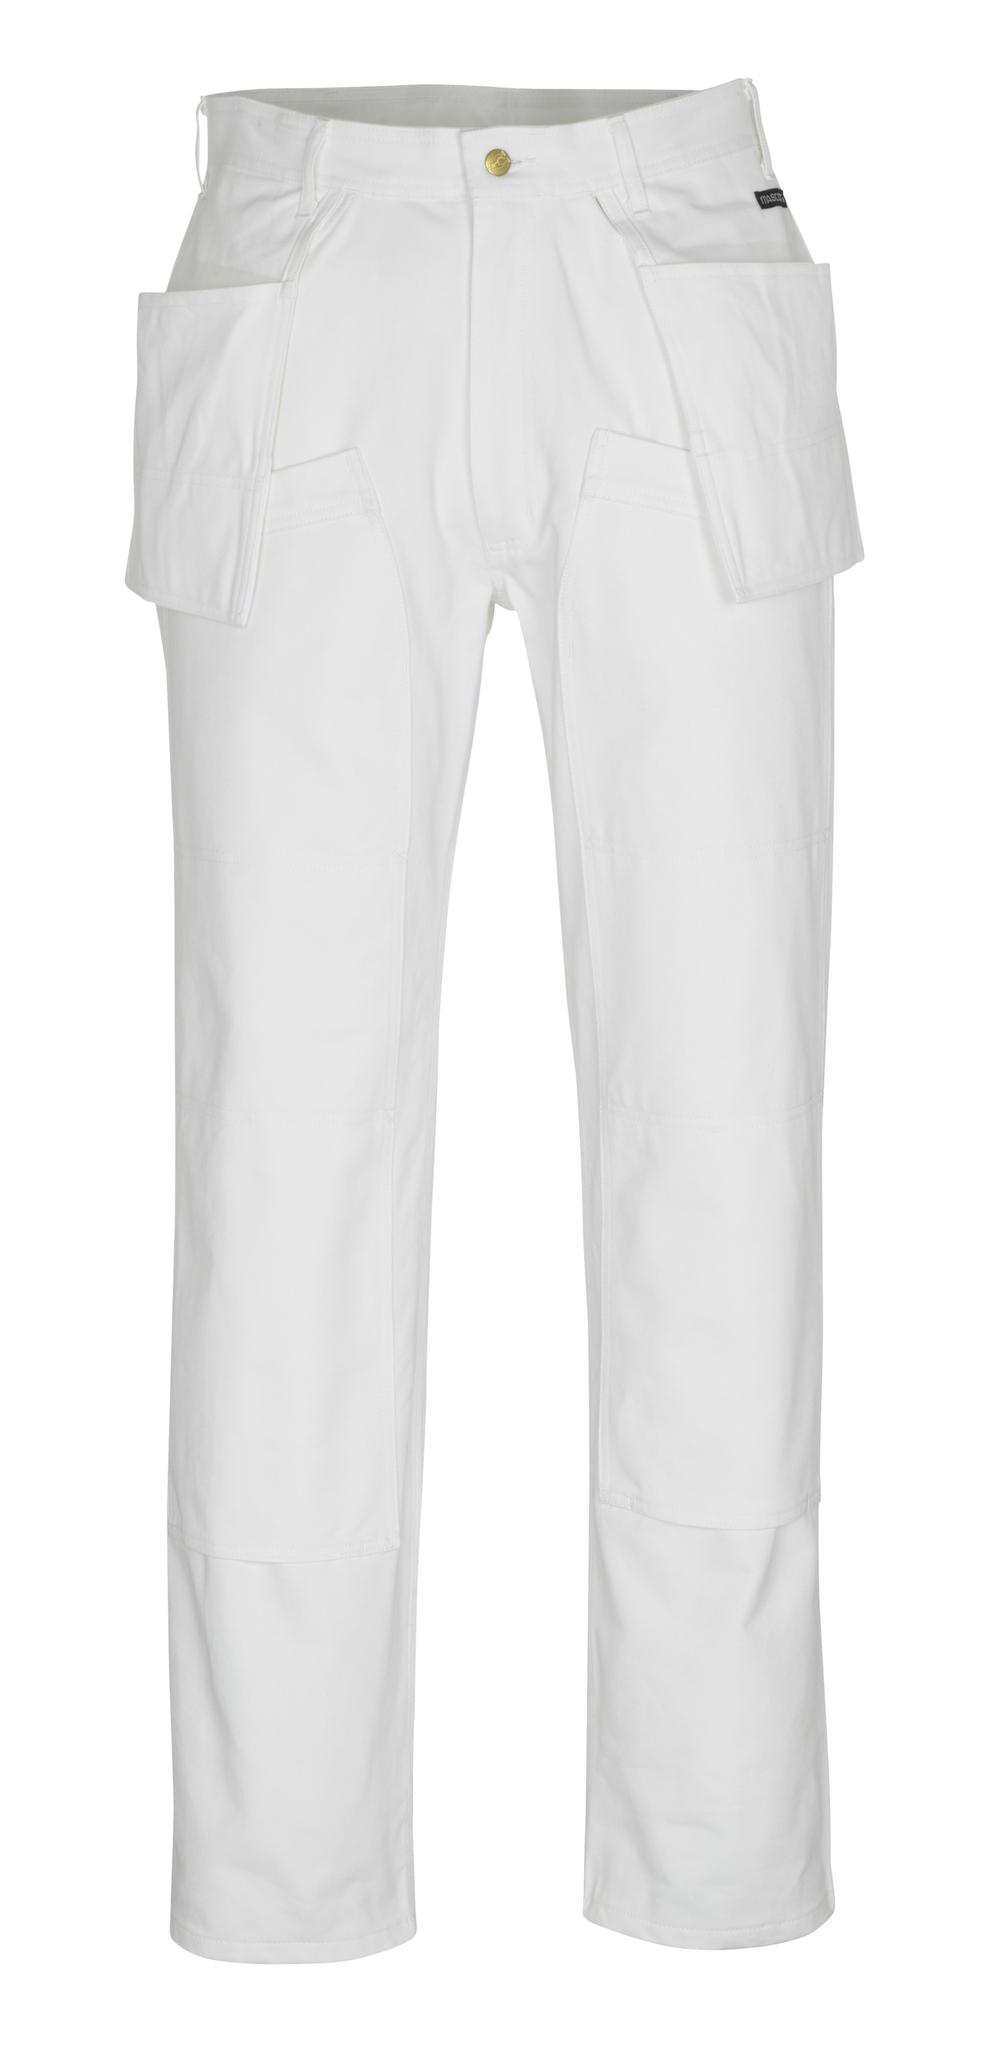 00538-630-06 Bukser med kne- og hengelommer - hvit